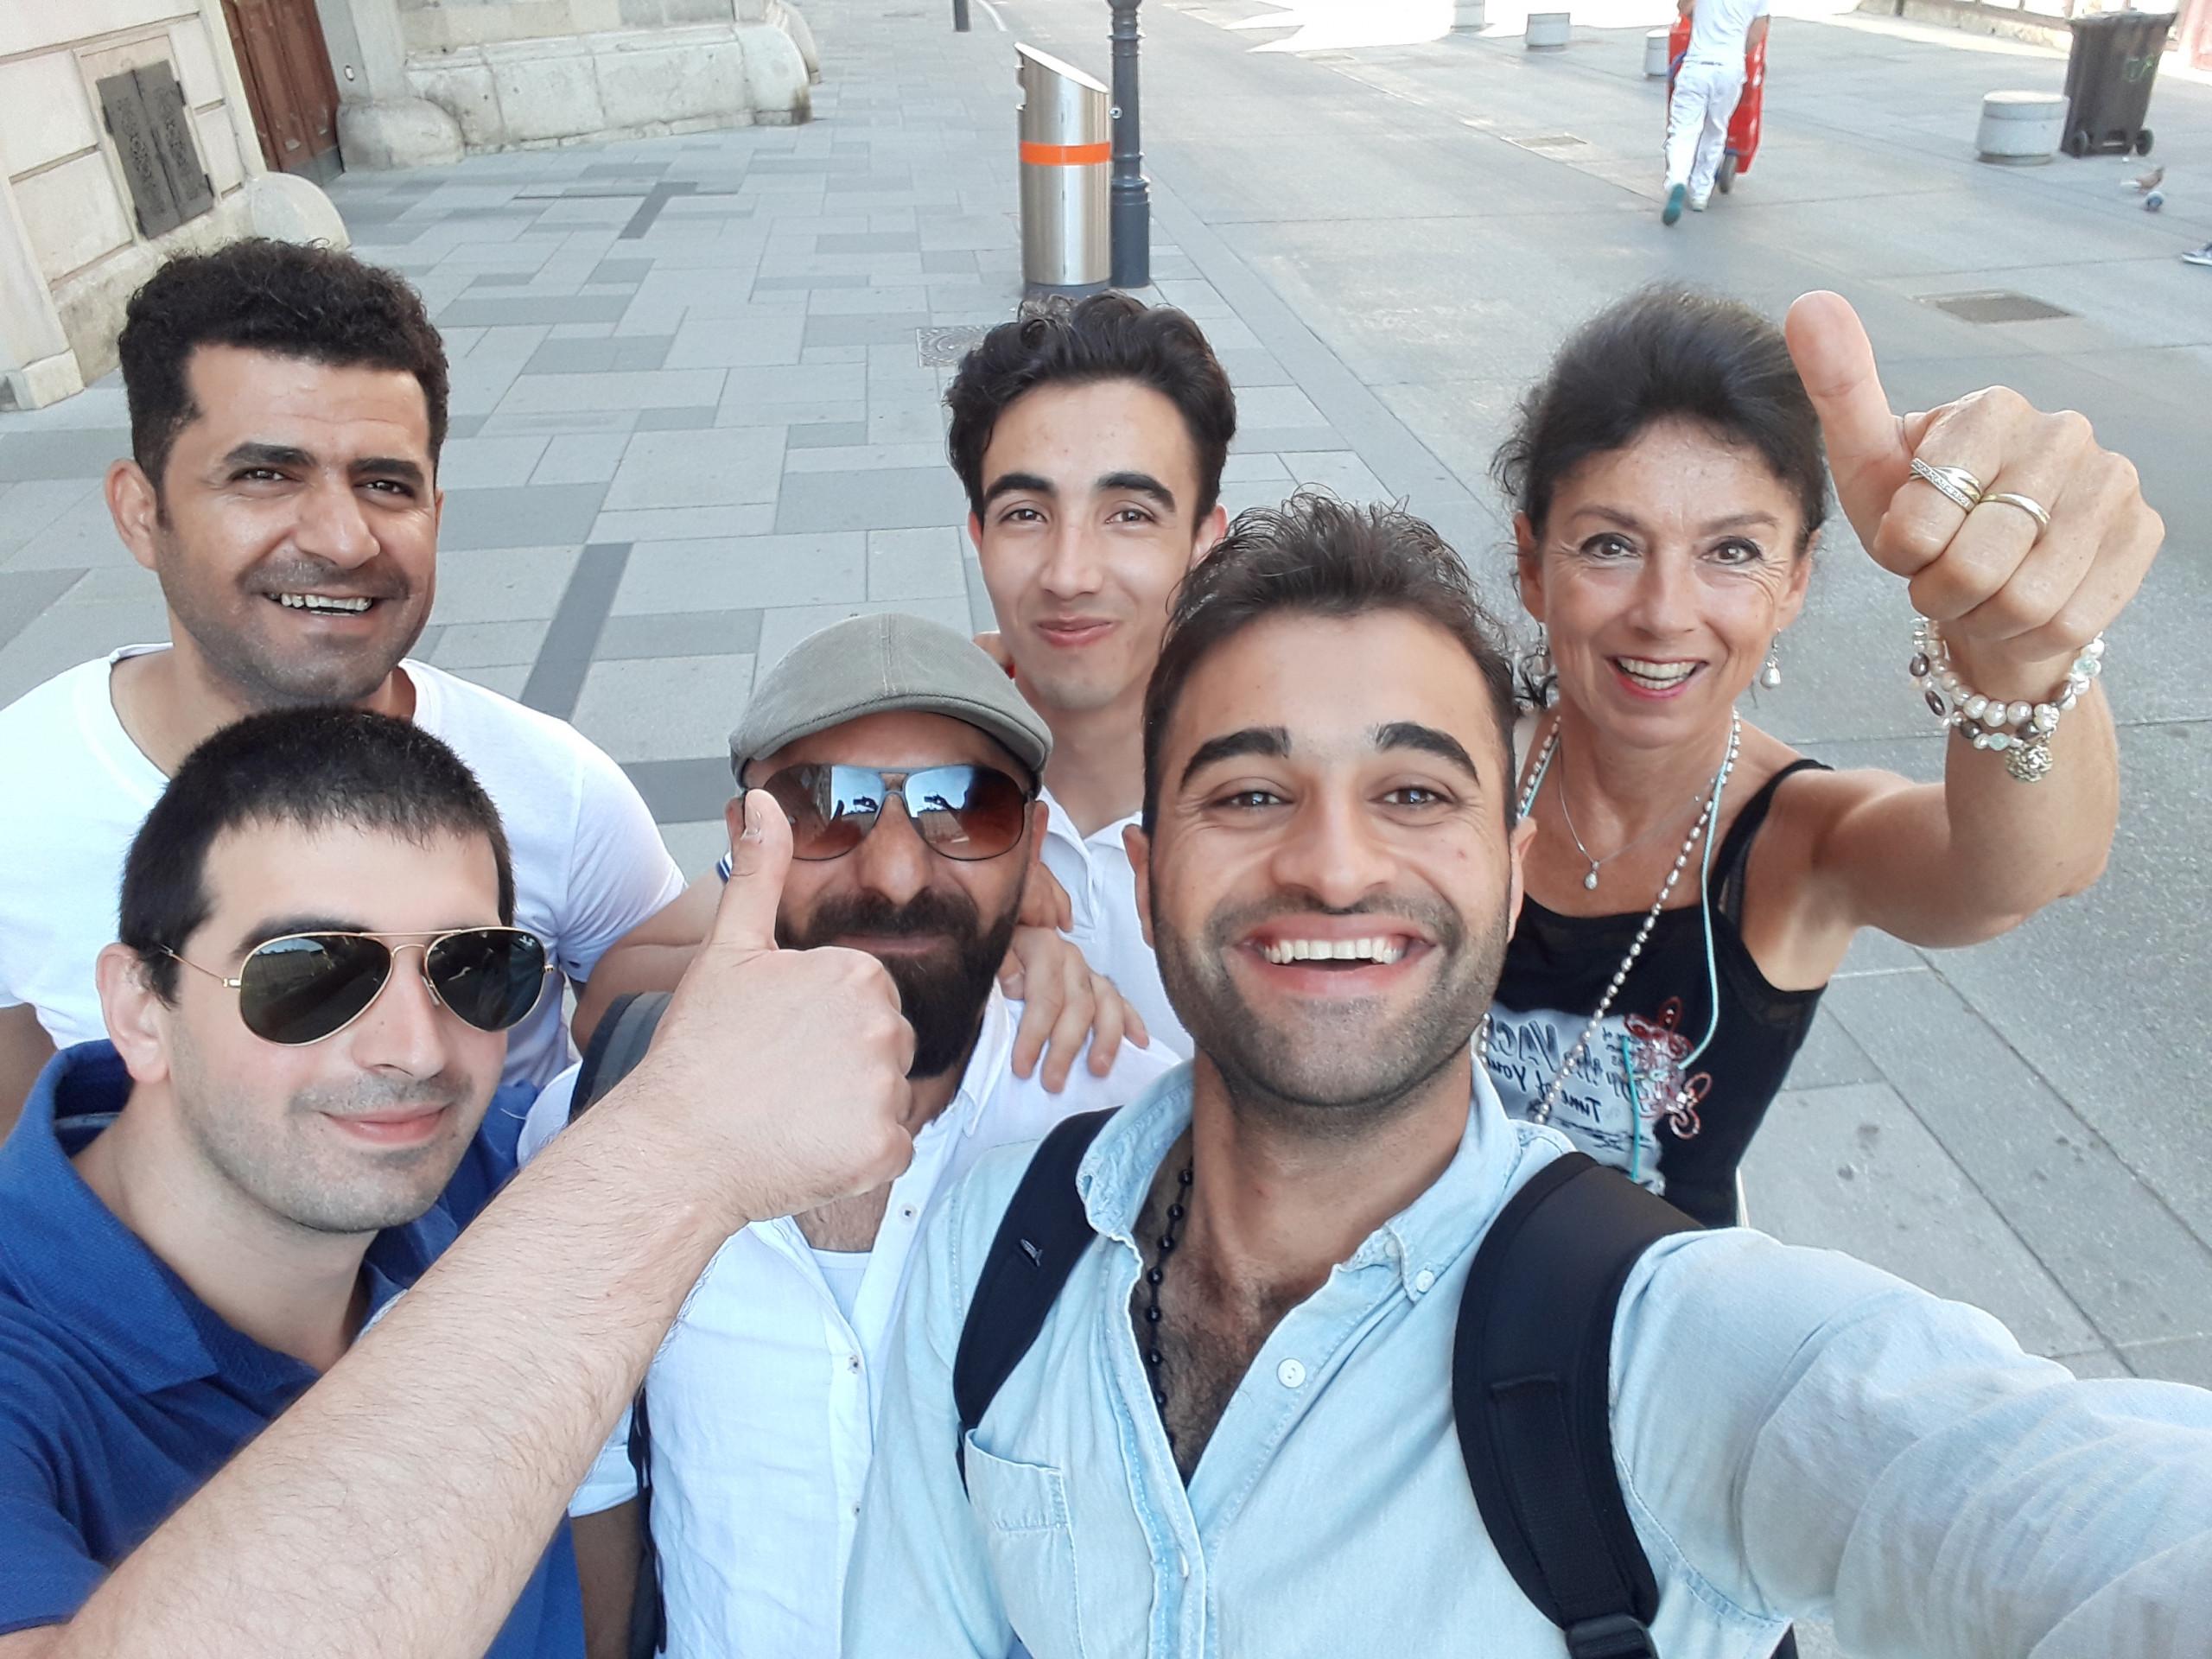 """Gruppenfoto der Teilnehmer am Projekt """"Start Wien Flüchtlinge - Integration ab Tag 1"""" mit Trainerin links."""